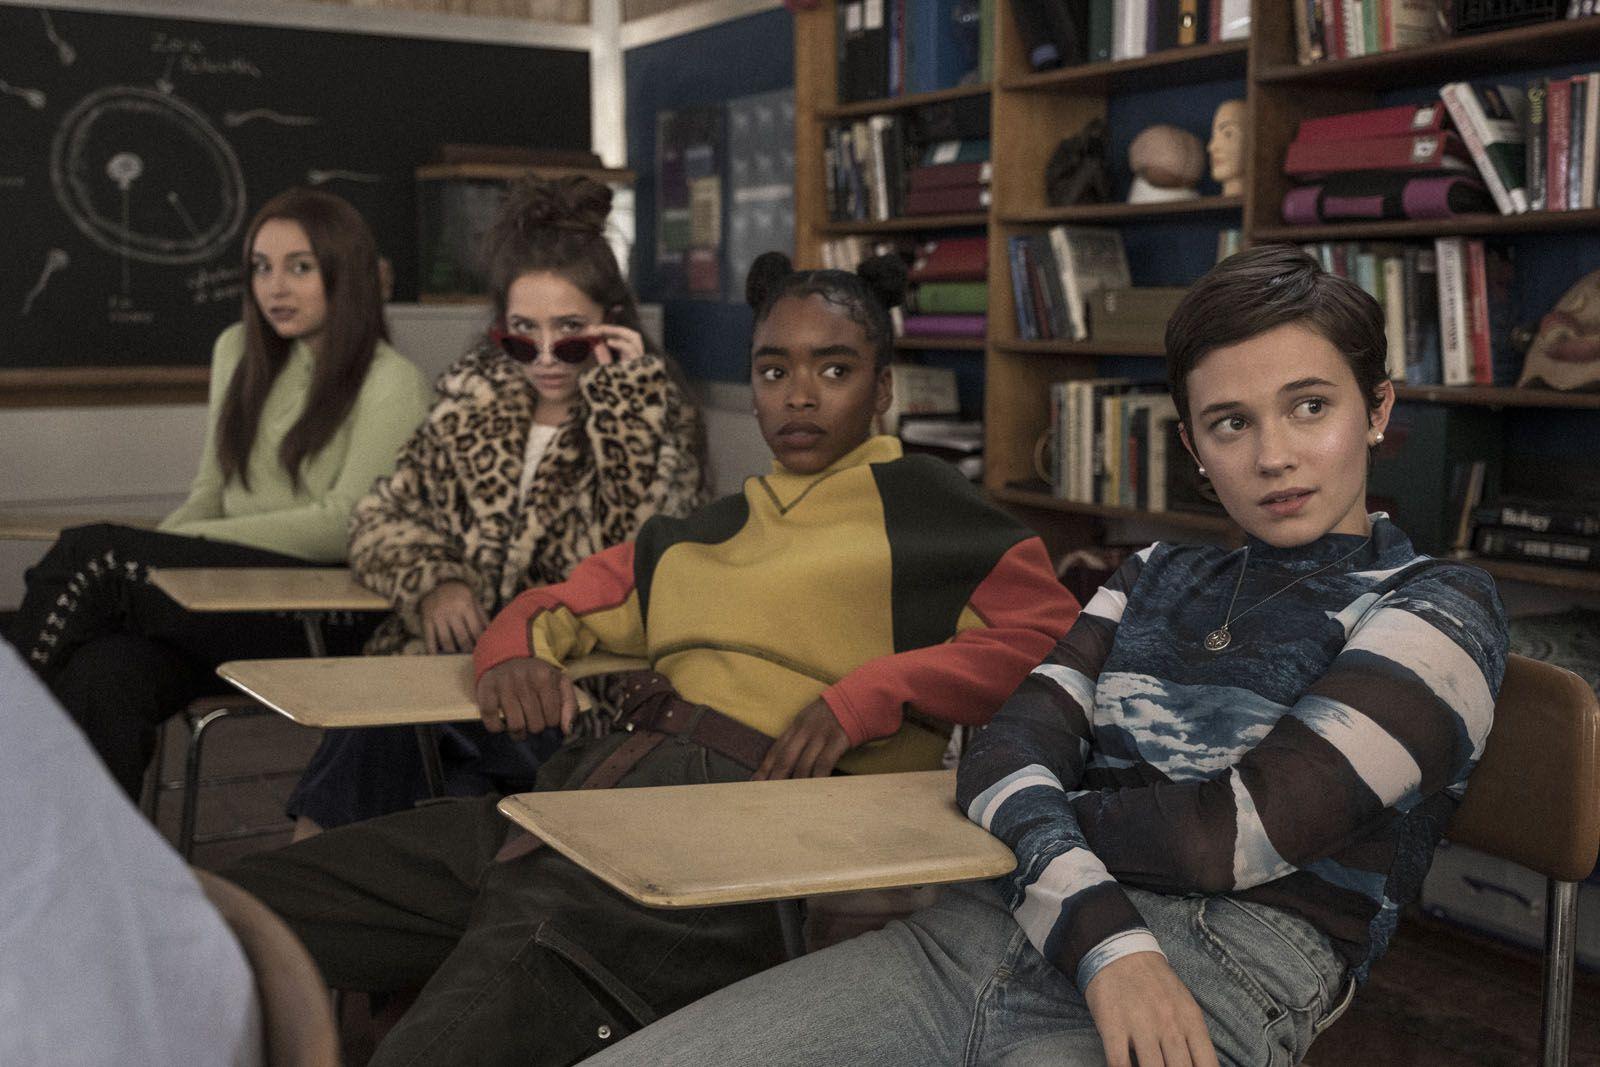 The craft : Les nouvelles sorcières (BANDE-ANNONCE) avec Michelle Monaghan, Cailee Spaeny, David Duchovny - Le 28 octobre 2020 au cinéma